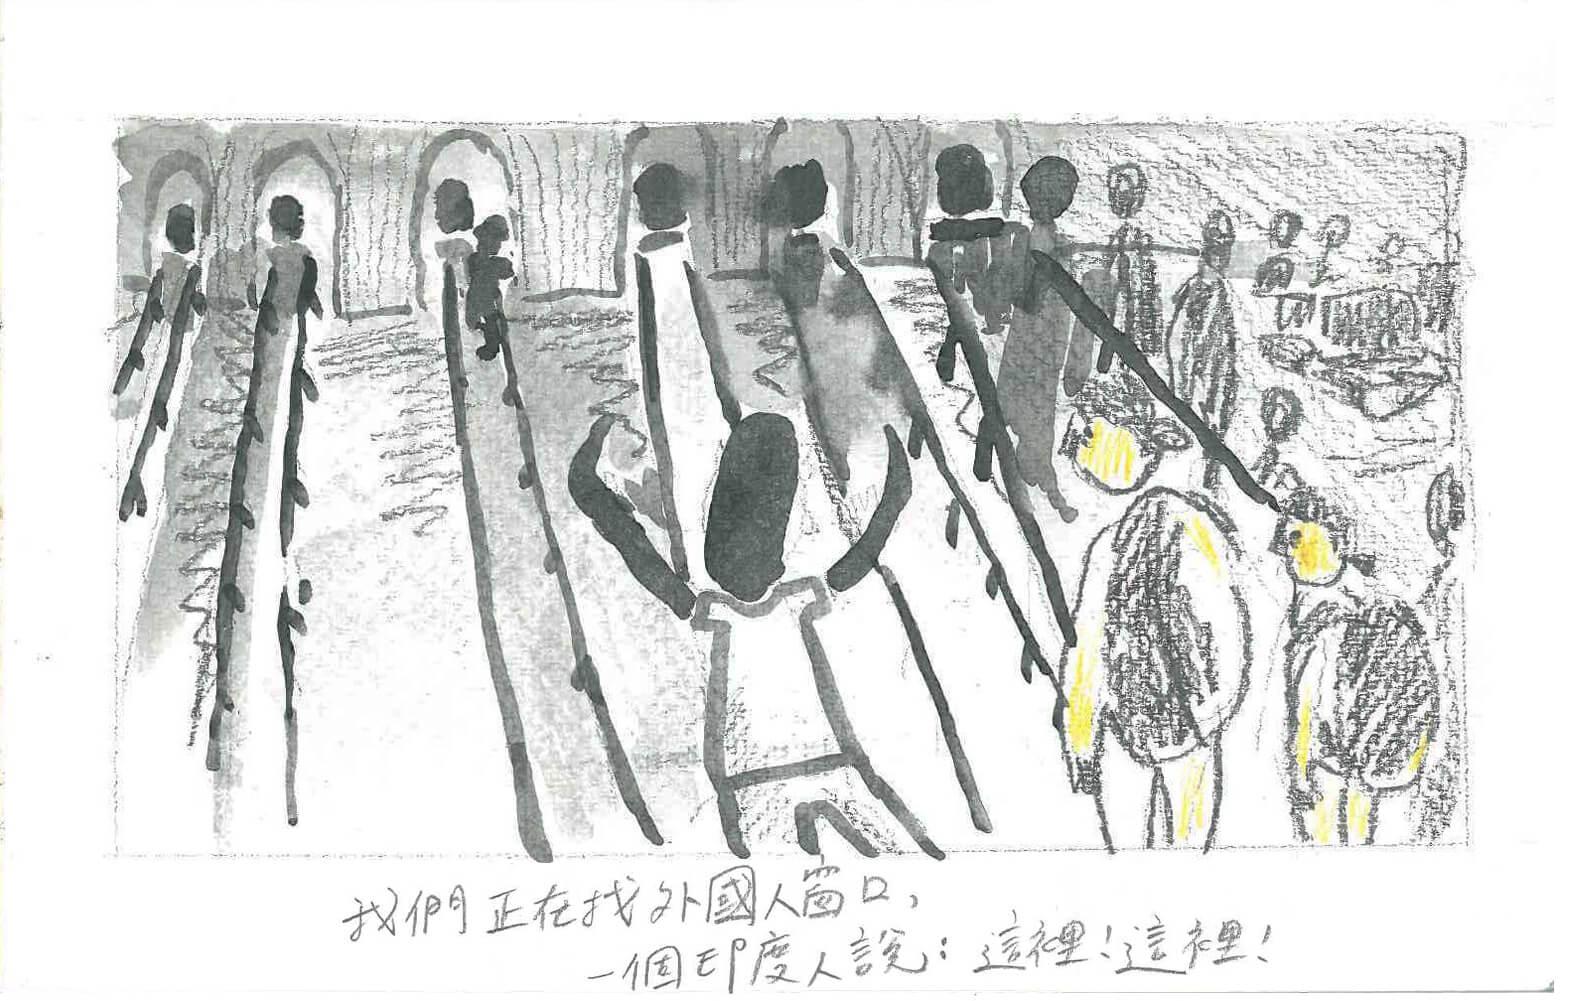 平平 in in 的-圖解新德里火車站的常見騙局